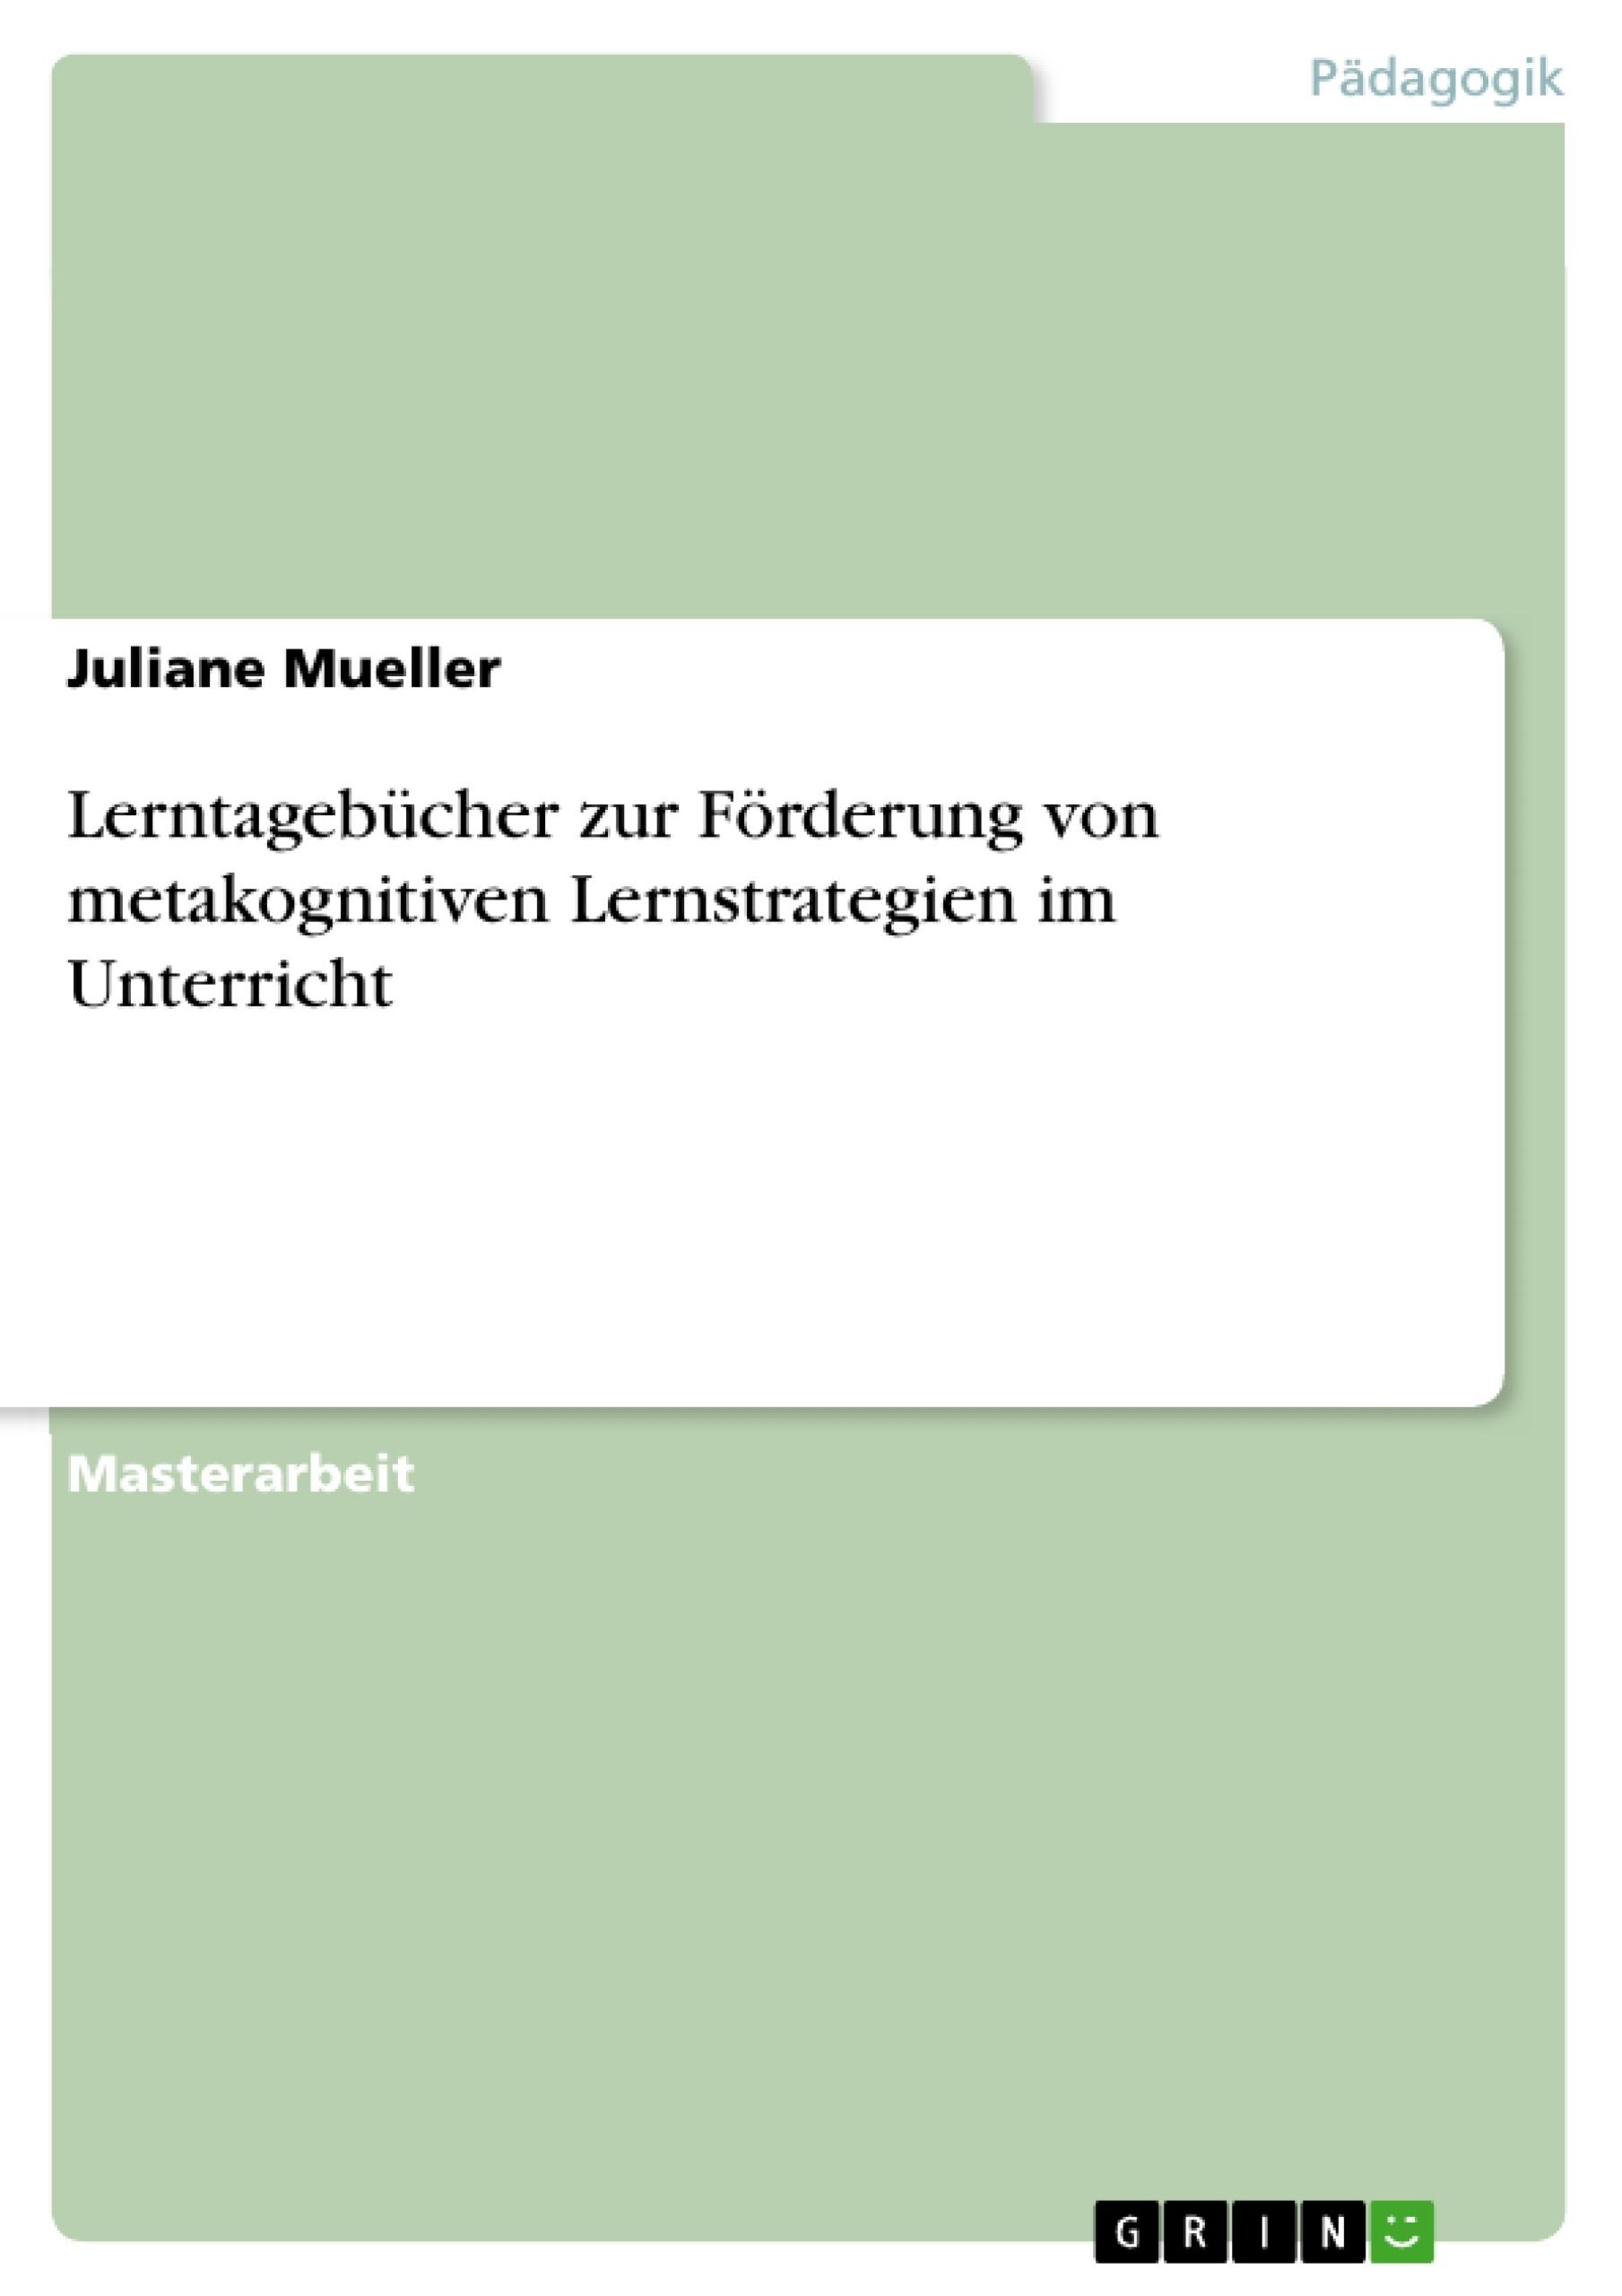 Titel: Lerntagebücher zur Förderung von metakognitiven Lernstrategien im Unterricht